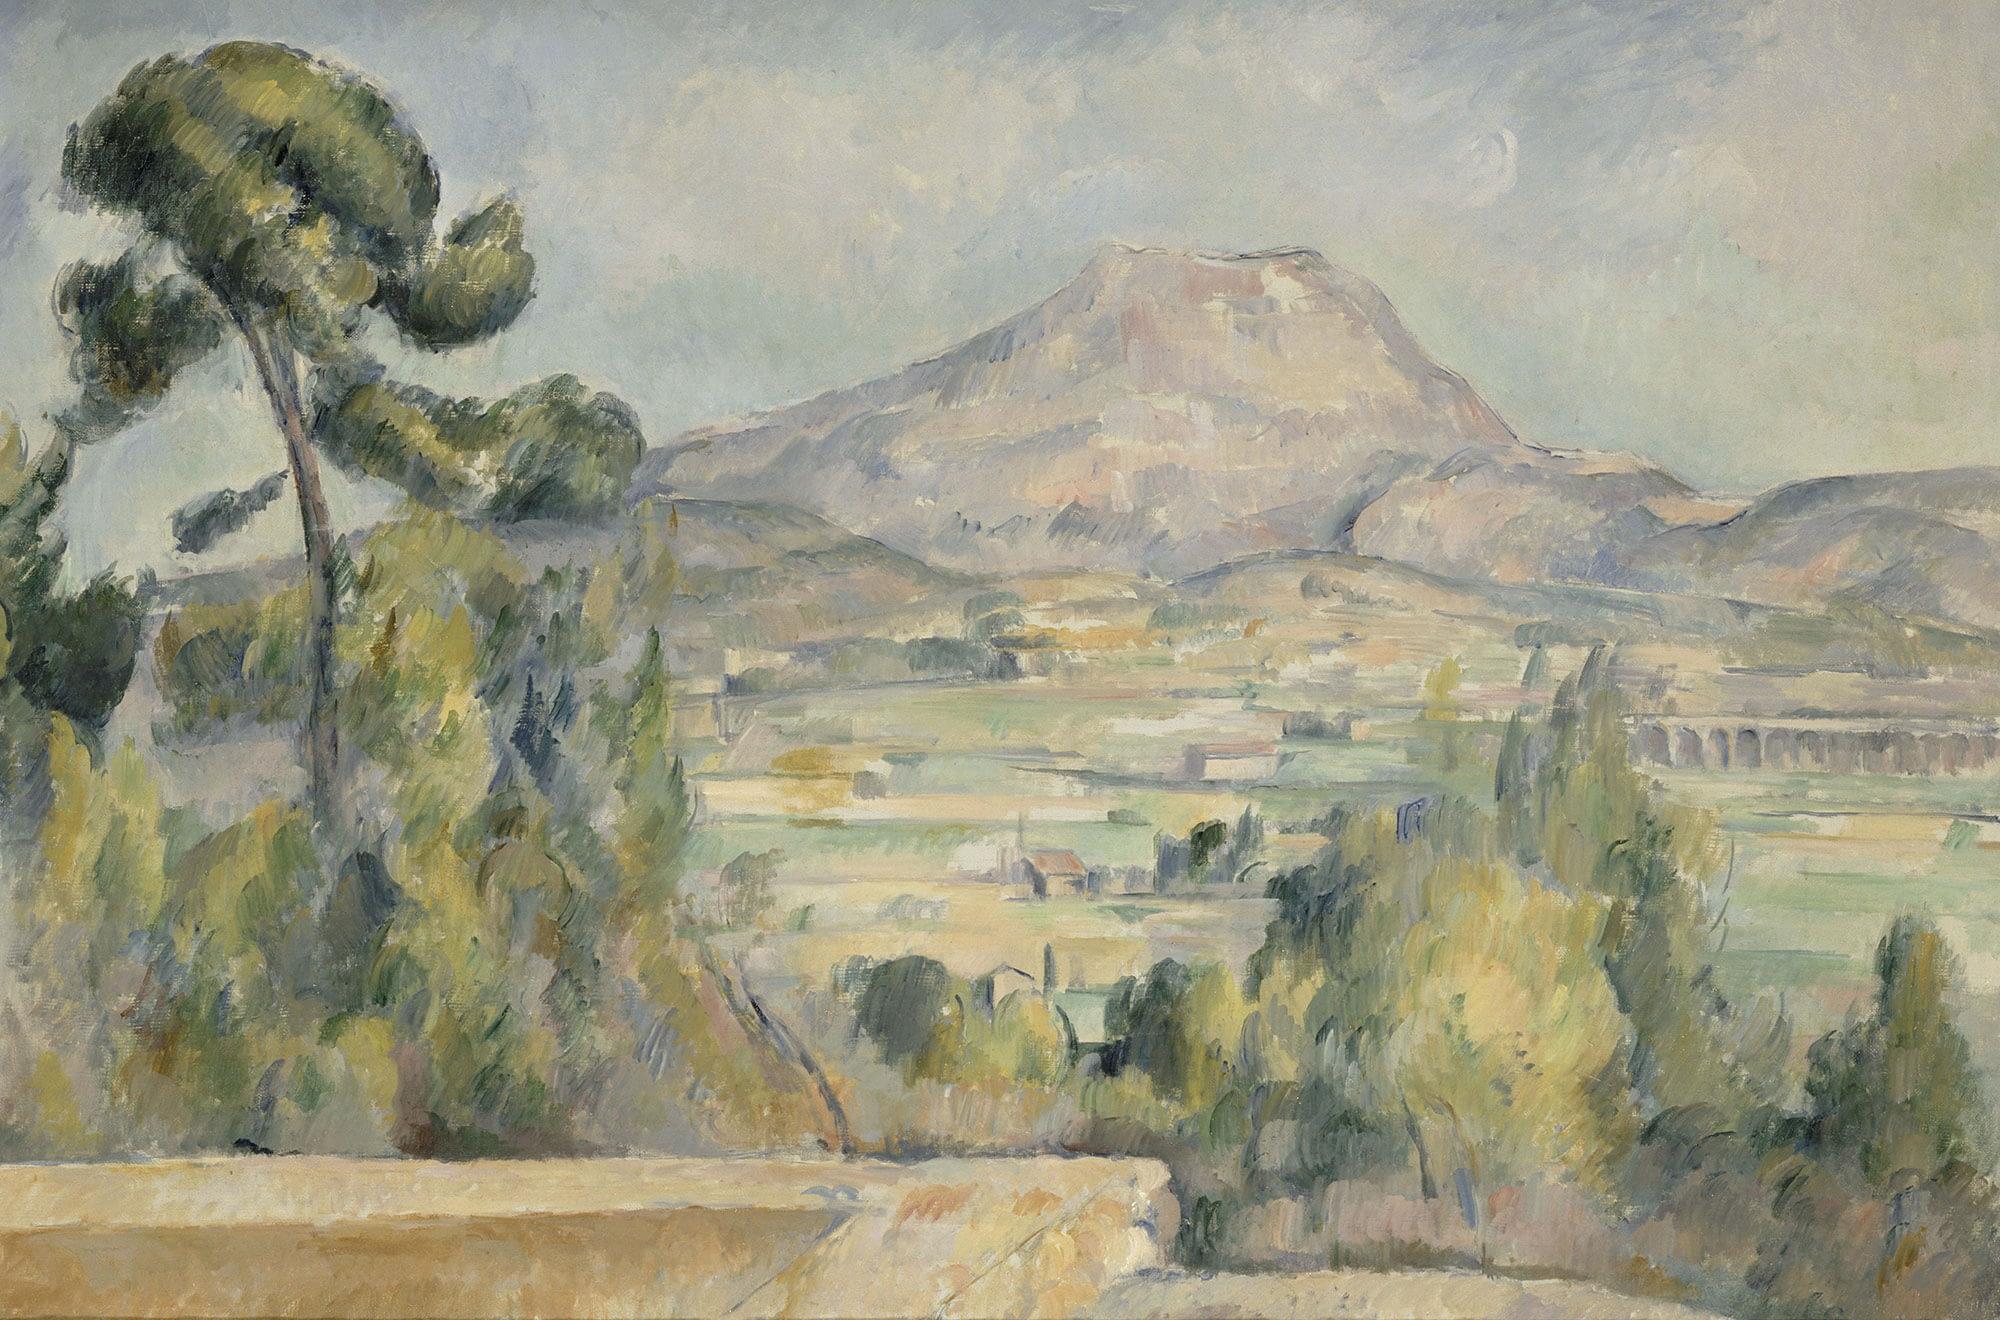 La montagne Sainte-Victoire Orsay bandeau - Cézanne